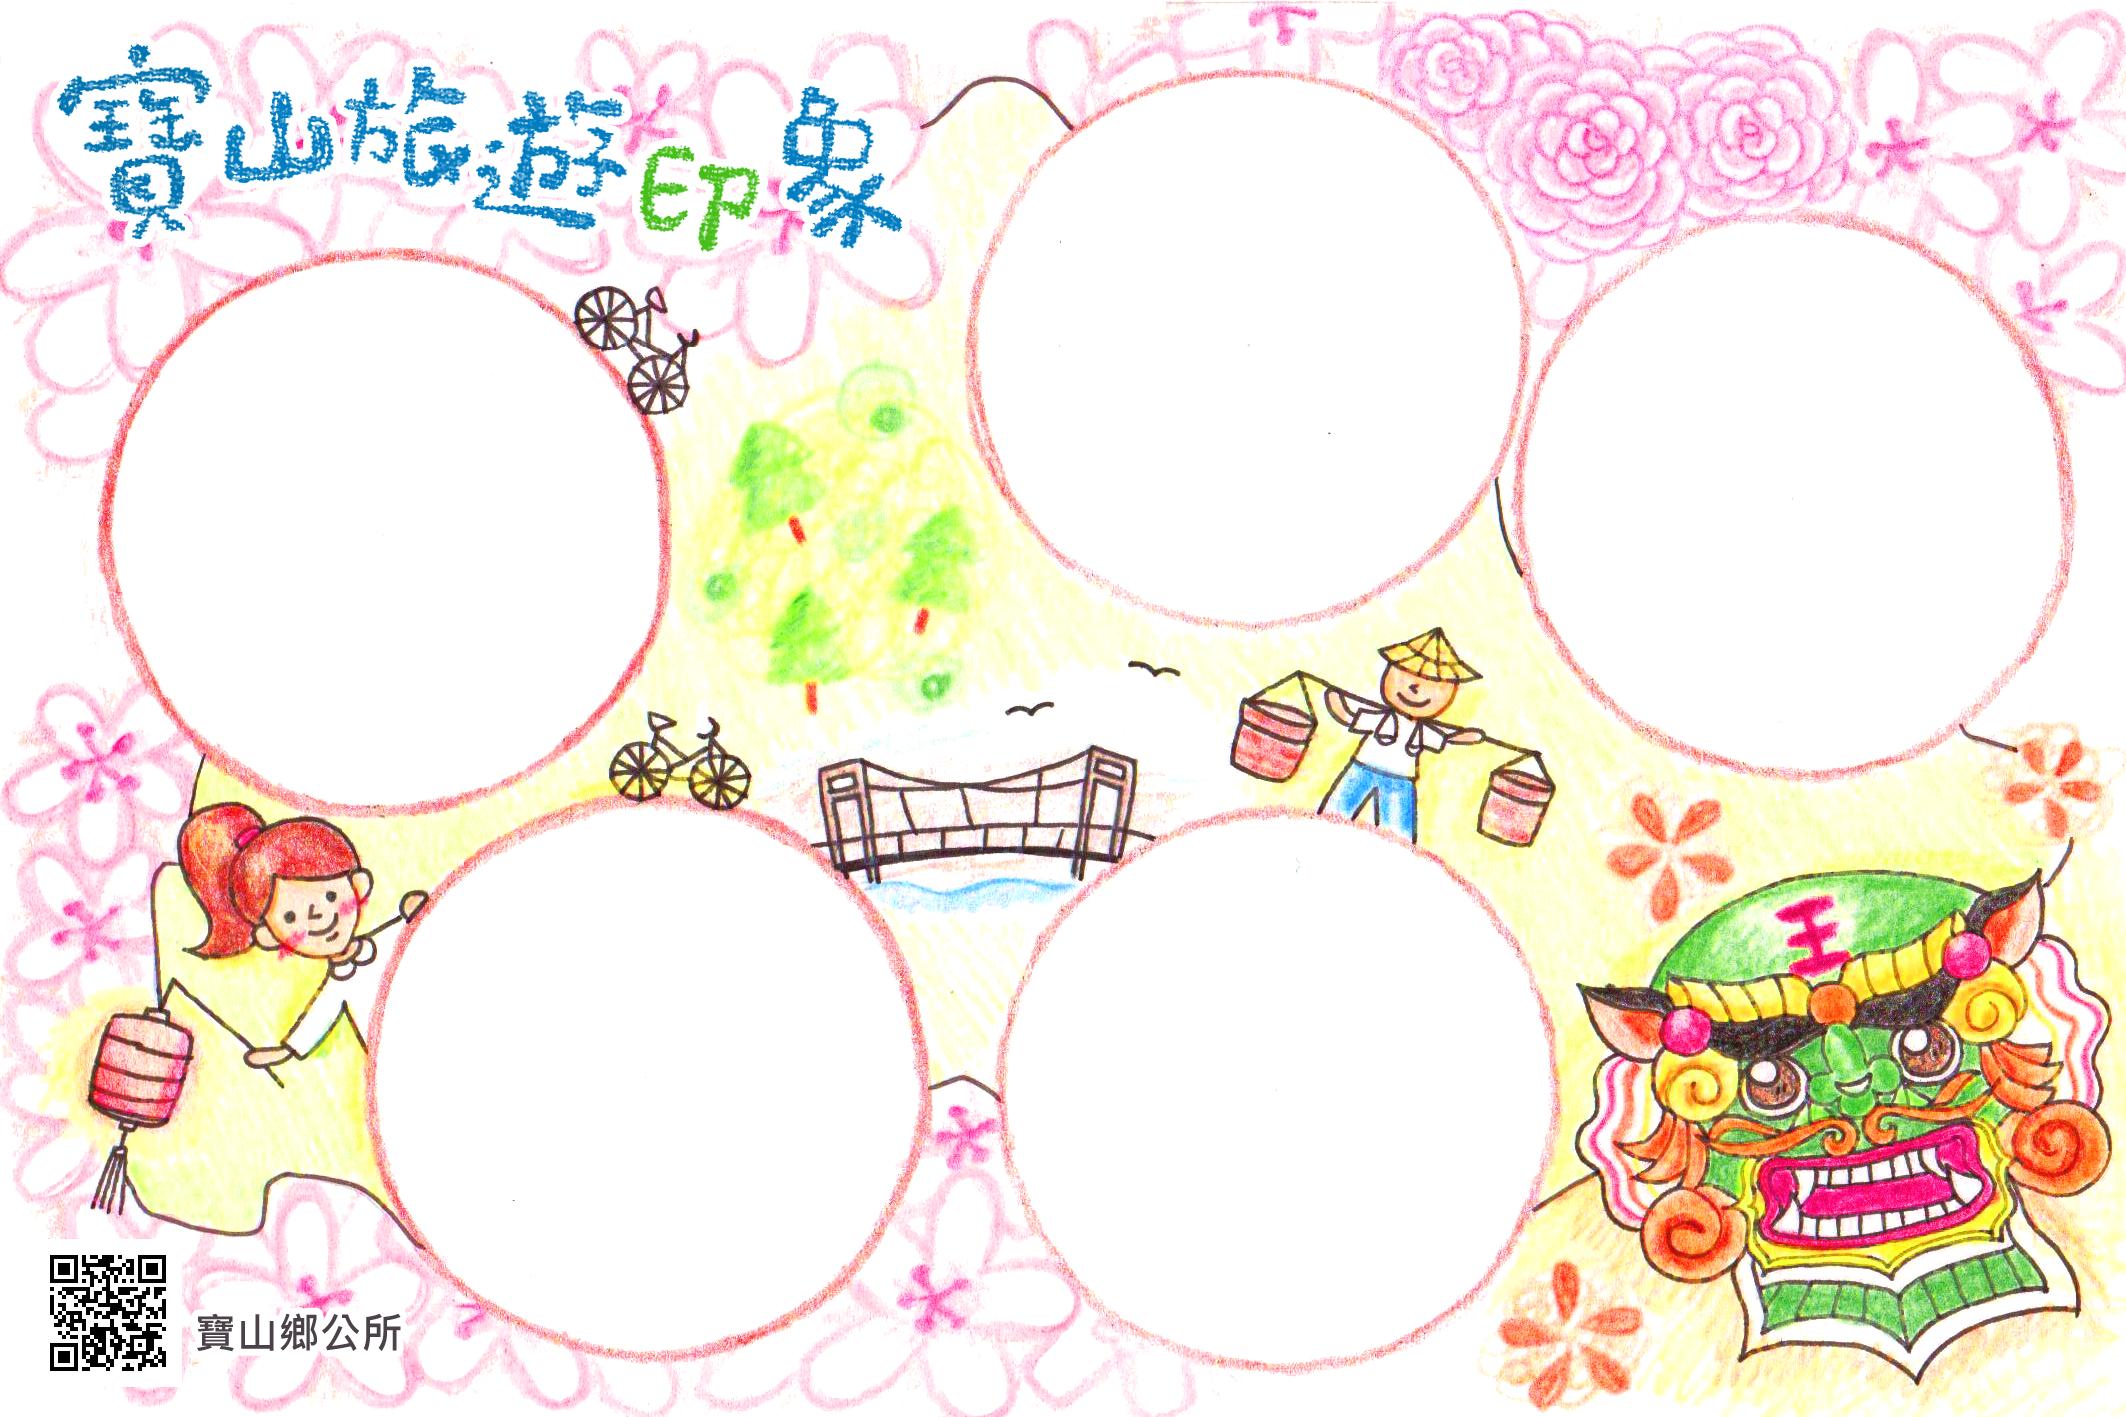 ☛ 明信片設計|打中午文化季集章卡